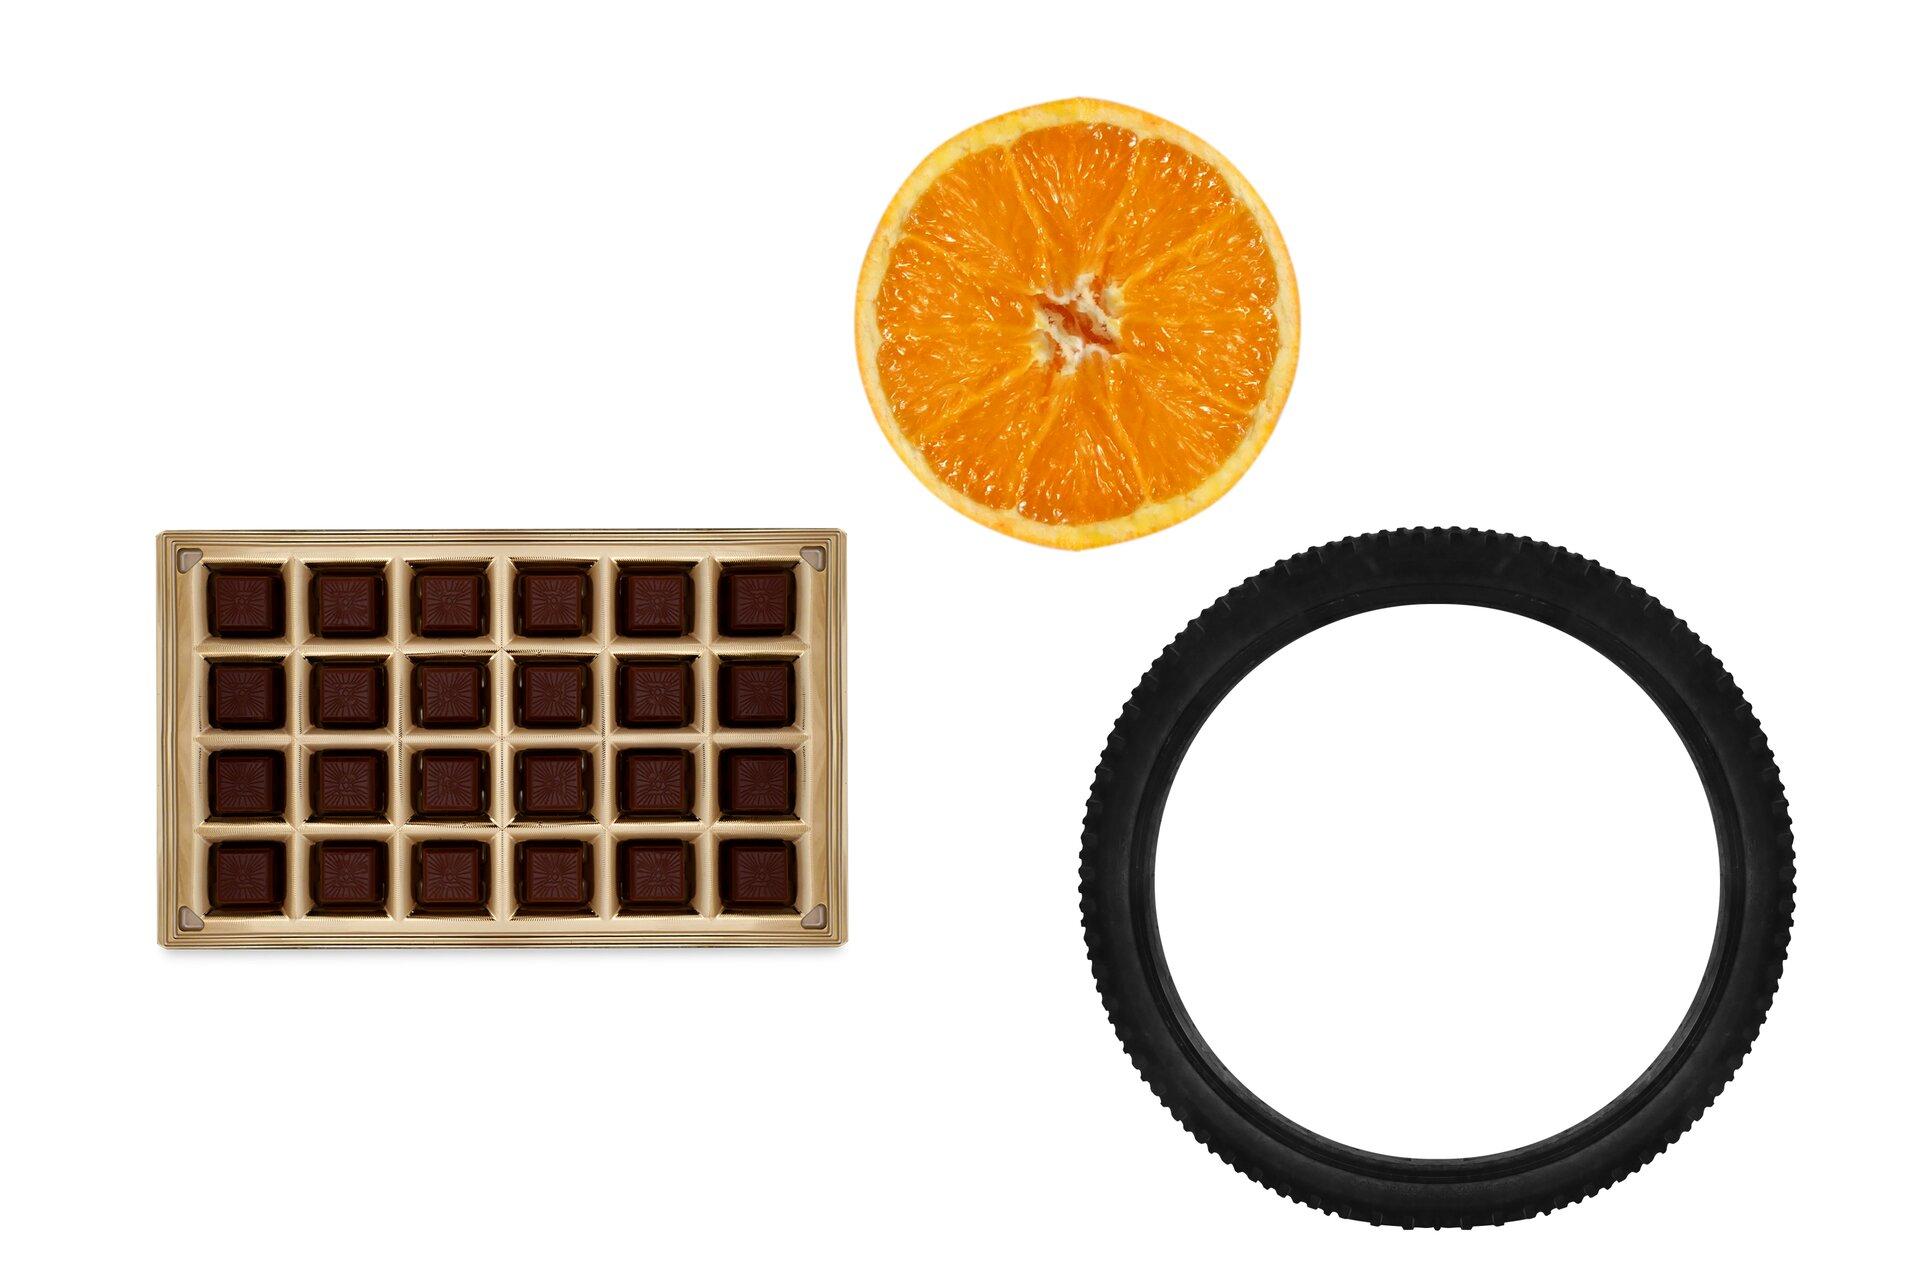 Rysunek przekrojonej pomarańczy, opony iopakowania po bombonierce.